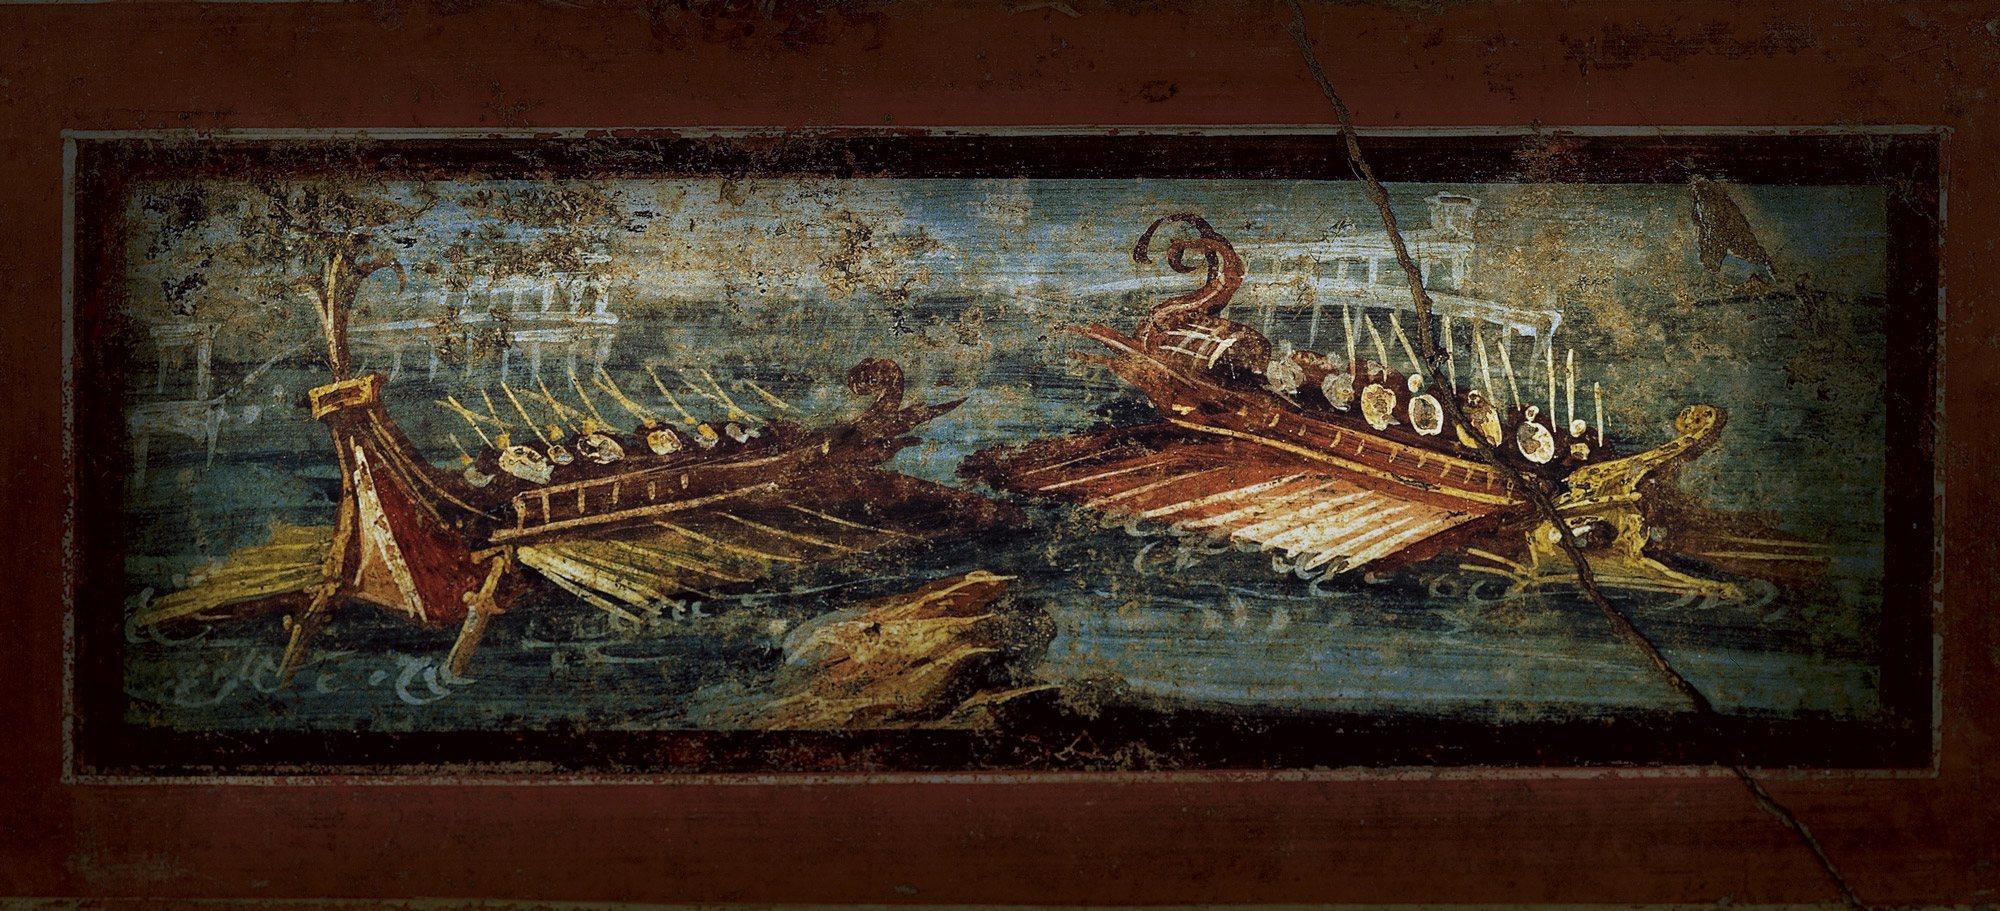 La campaña de Pompeyo contra los piratas